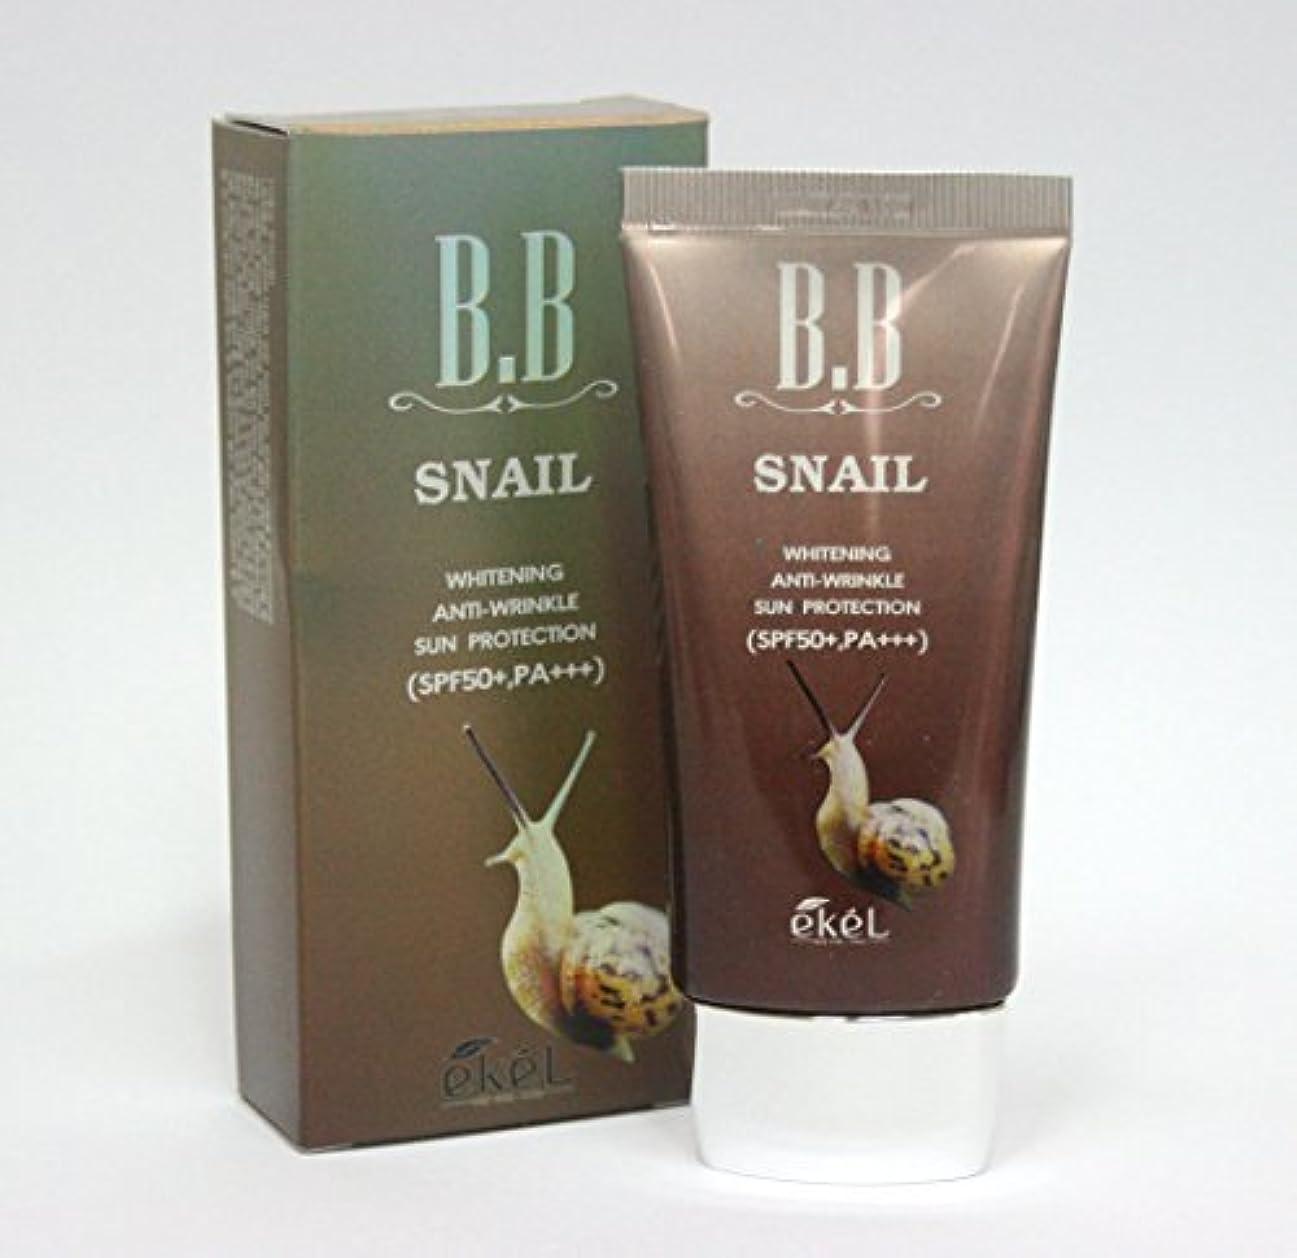 二層彫るフック[Ekel] カタツムリBBクリーム50ml / ホワイトニング , SPF50 + PA +++ / 韓国化粧品 / Snail BB Cream 50ml / Whitening, SPF50+ PA+++ / Korea...